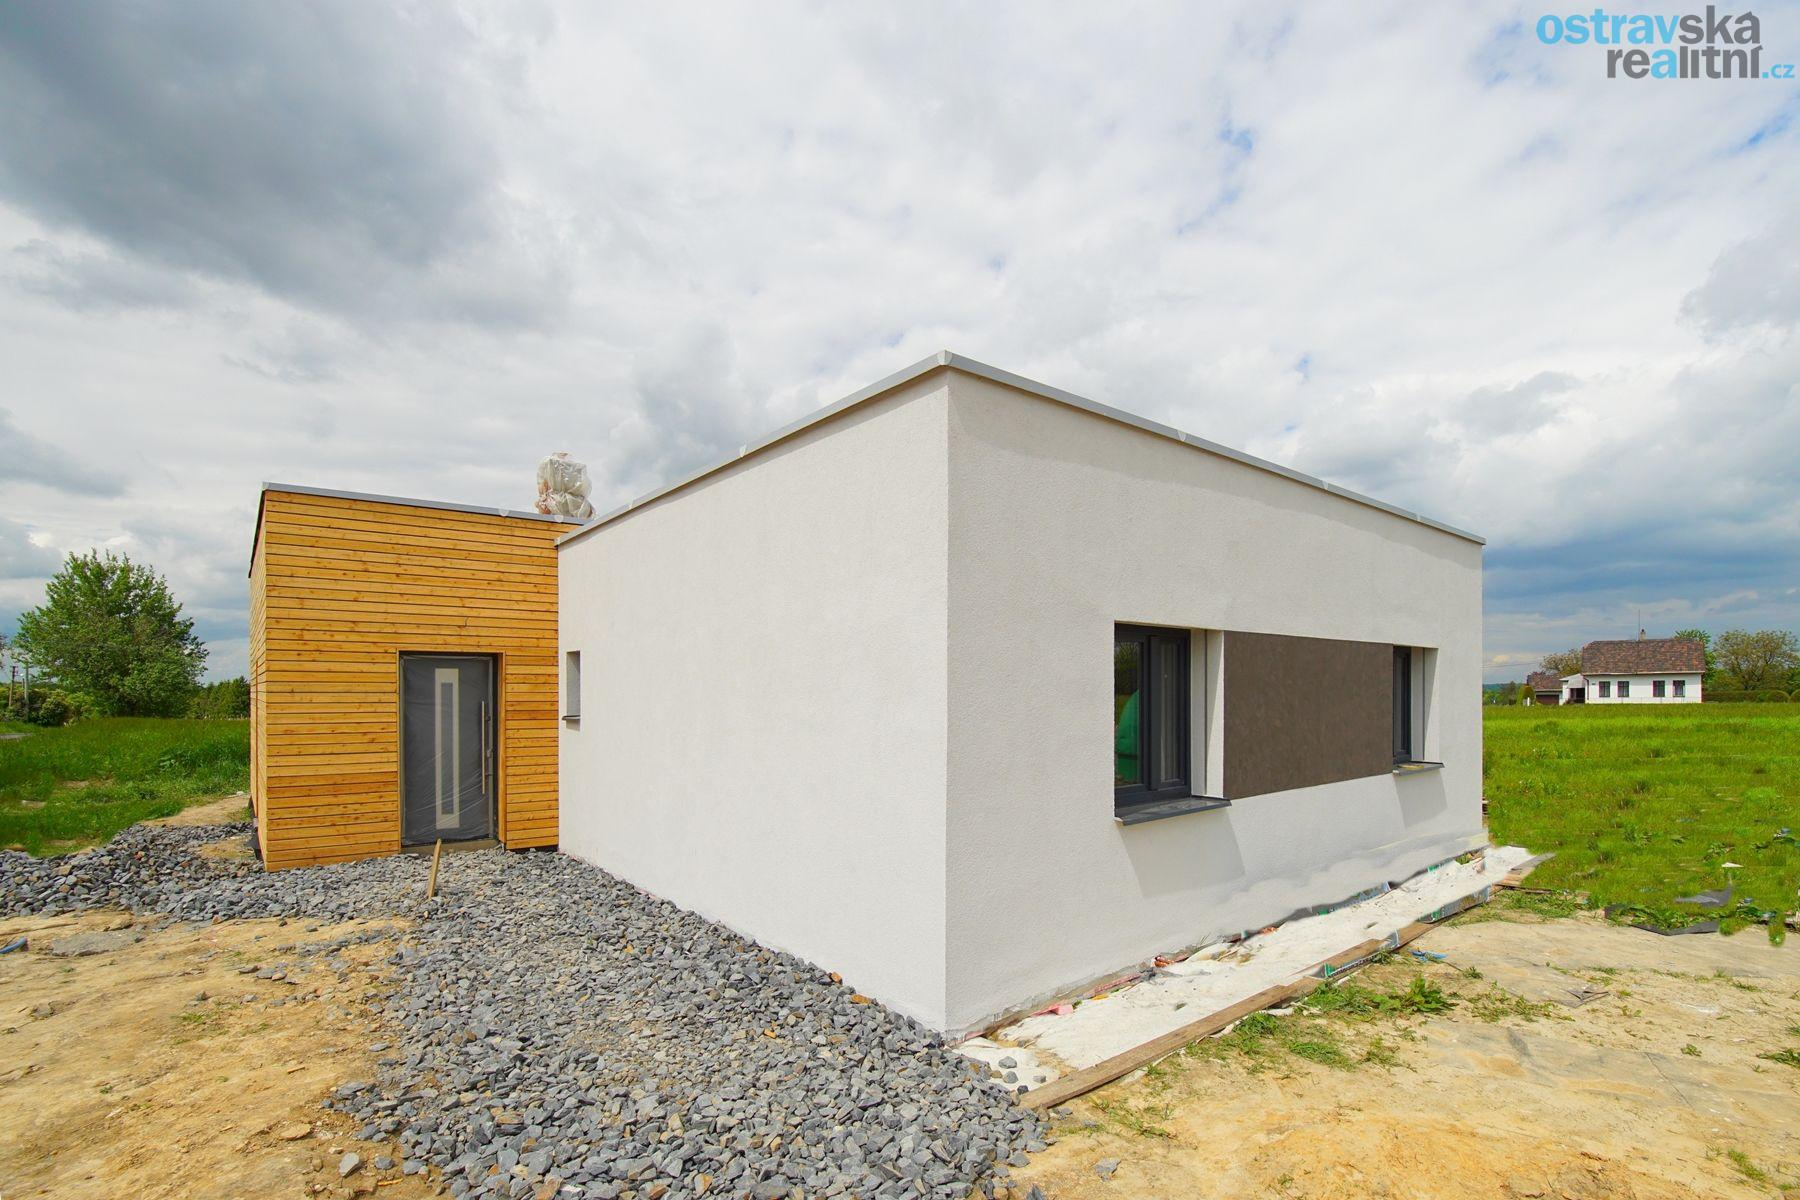 Prodej rodinného domu 4+kk, Bohumín - Skřečoň, ul. Úvozní, 91 m2